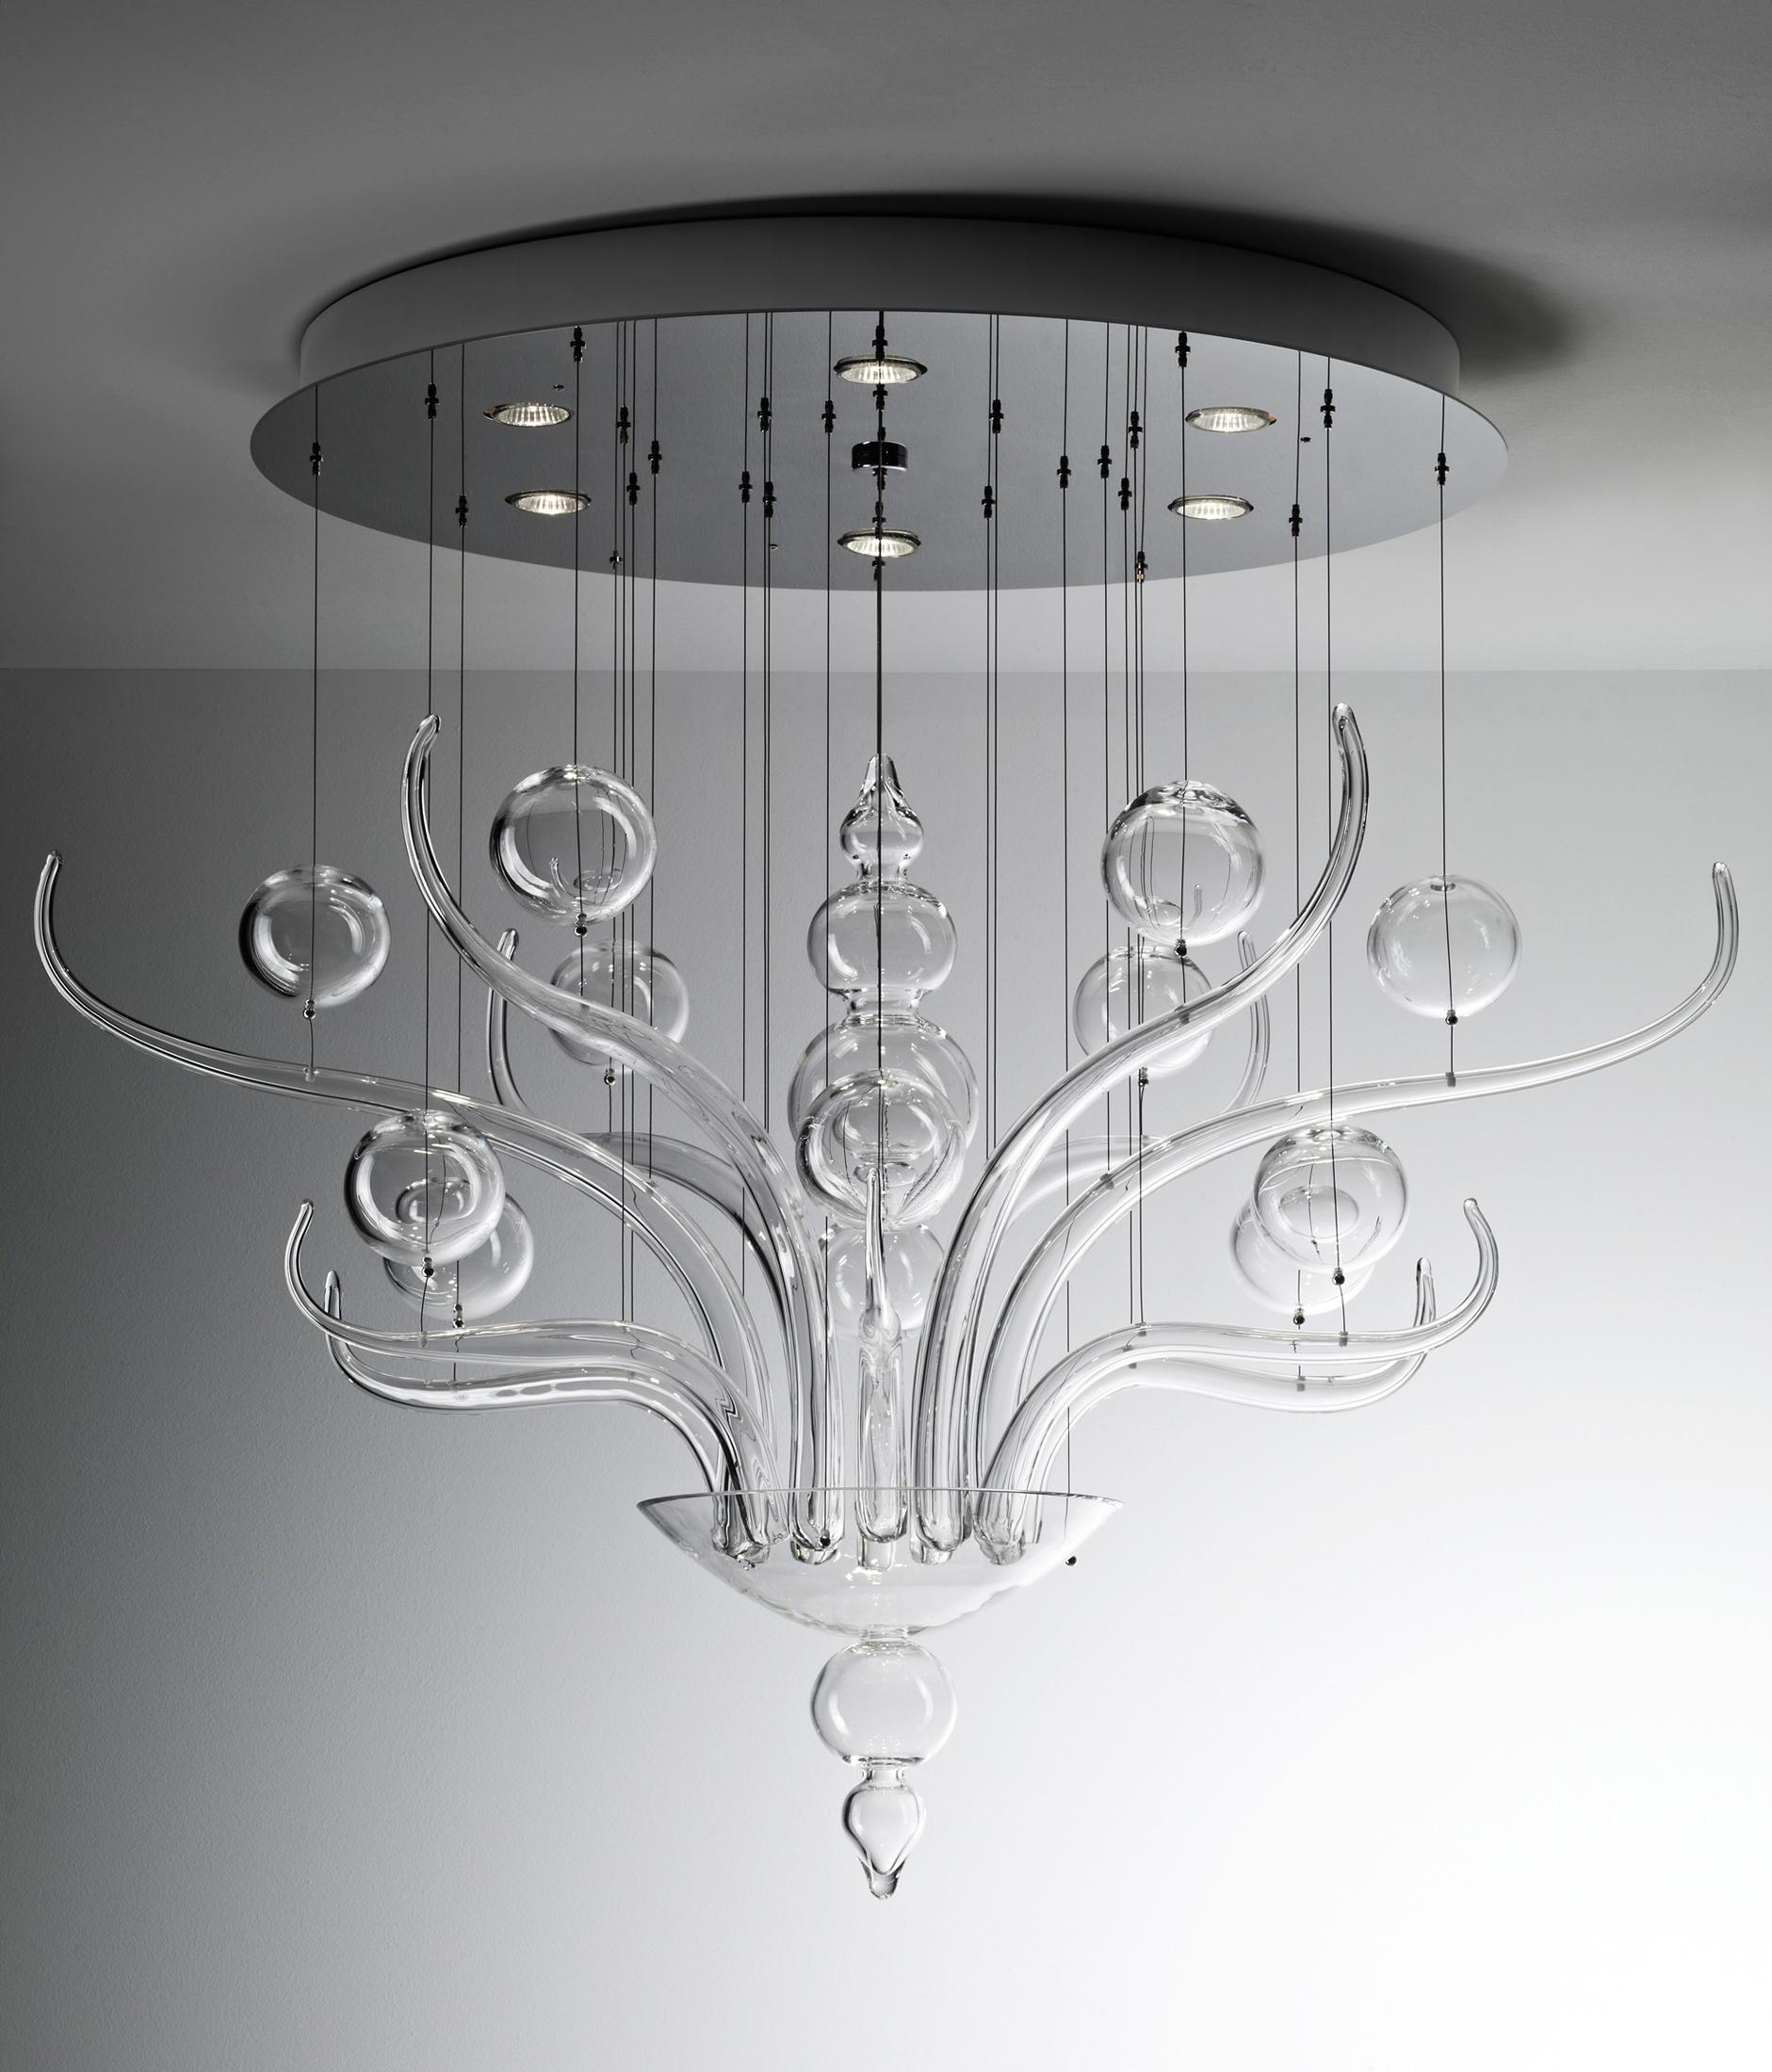 Spirito di venezia f10 a01 00 lampadari fabbian architonic for Lampadari contemporanei